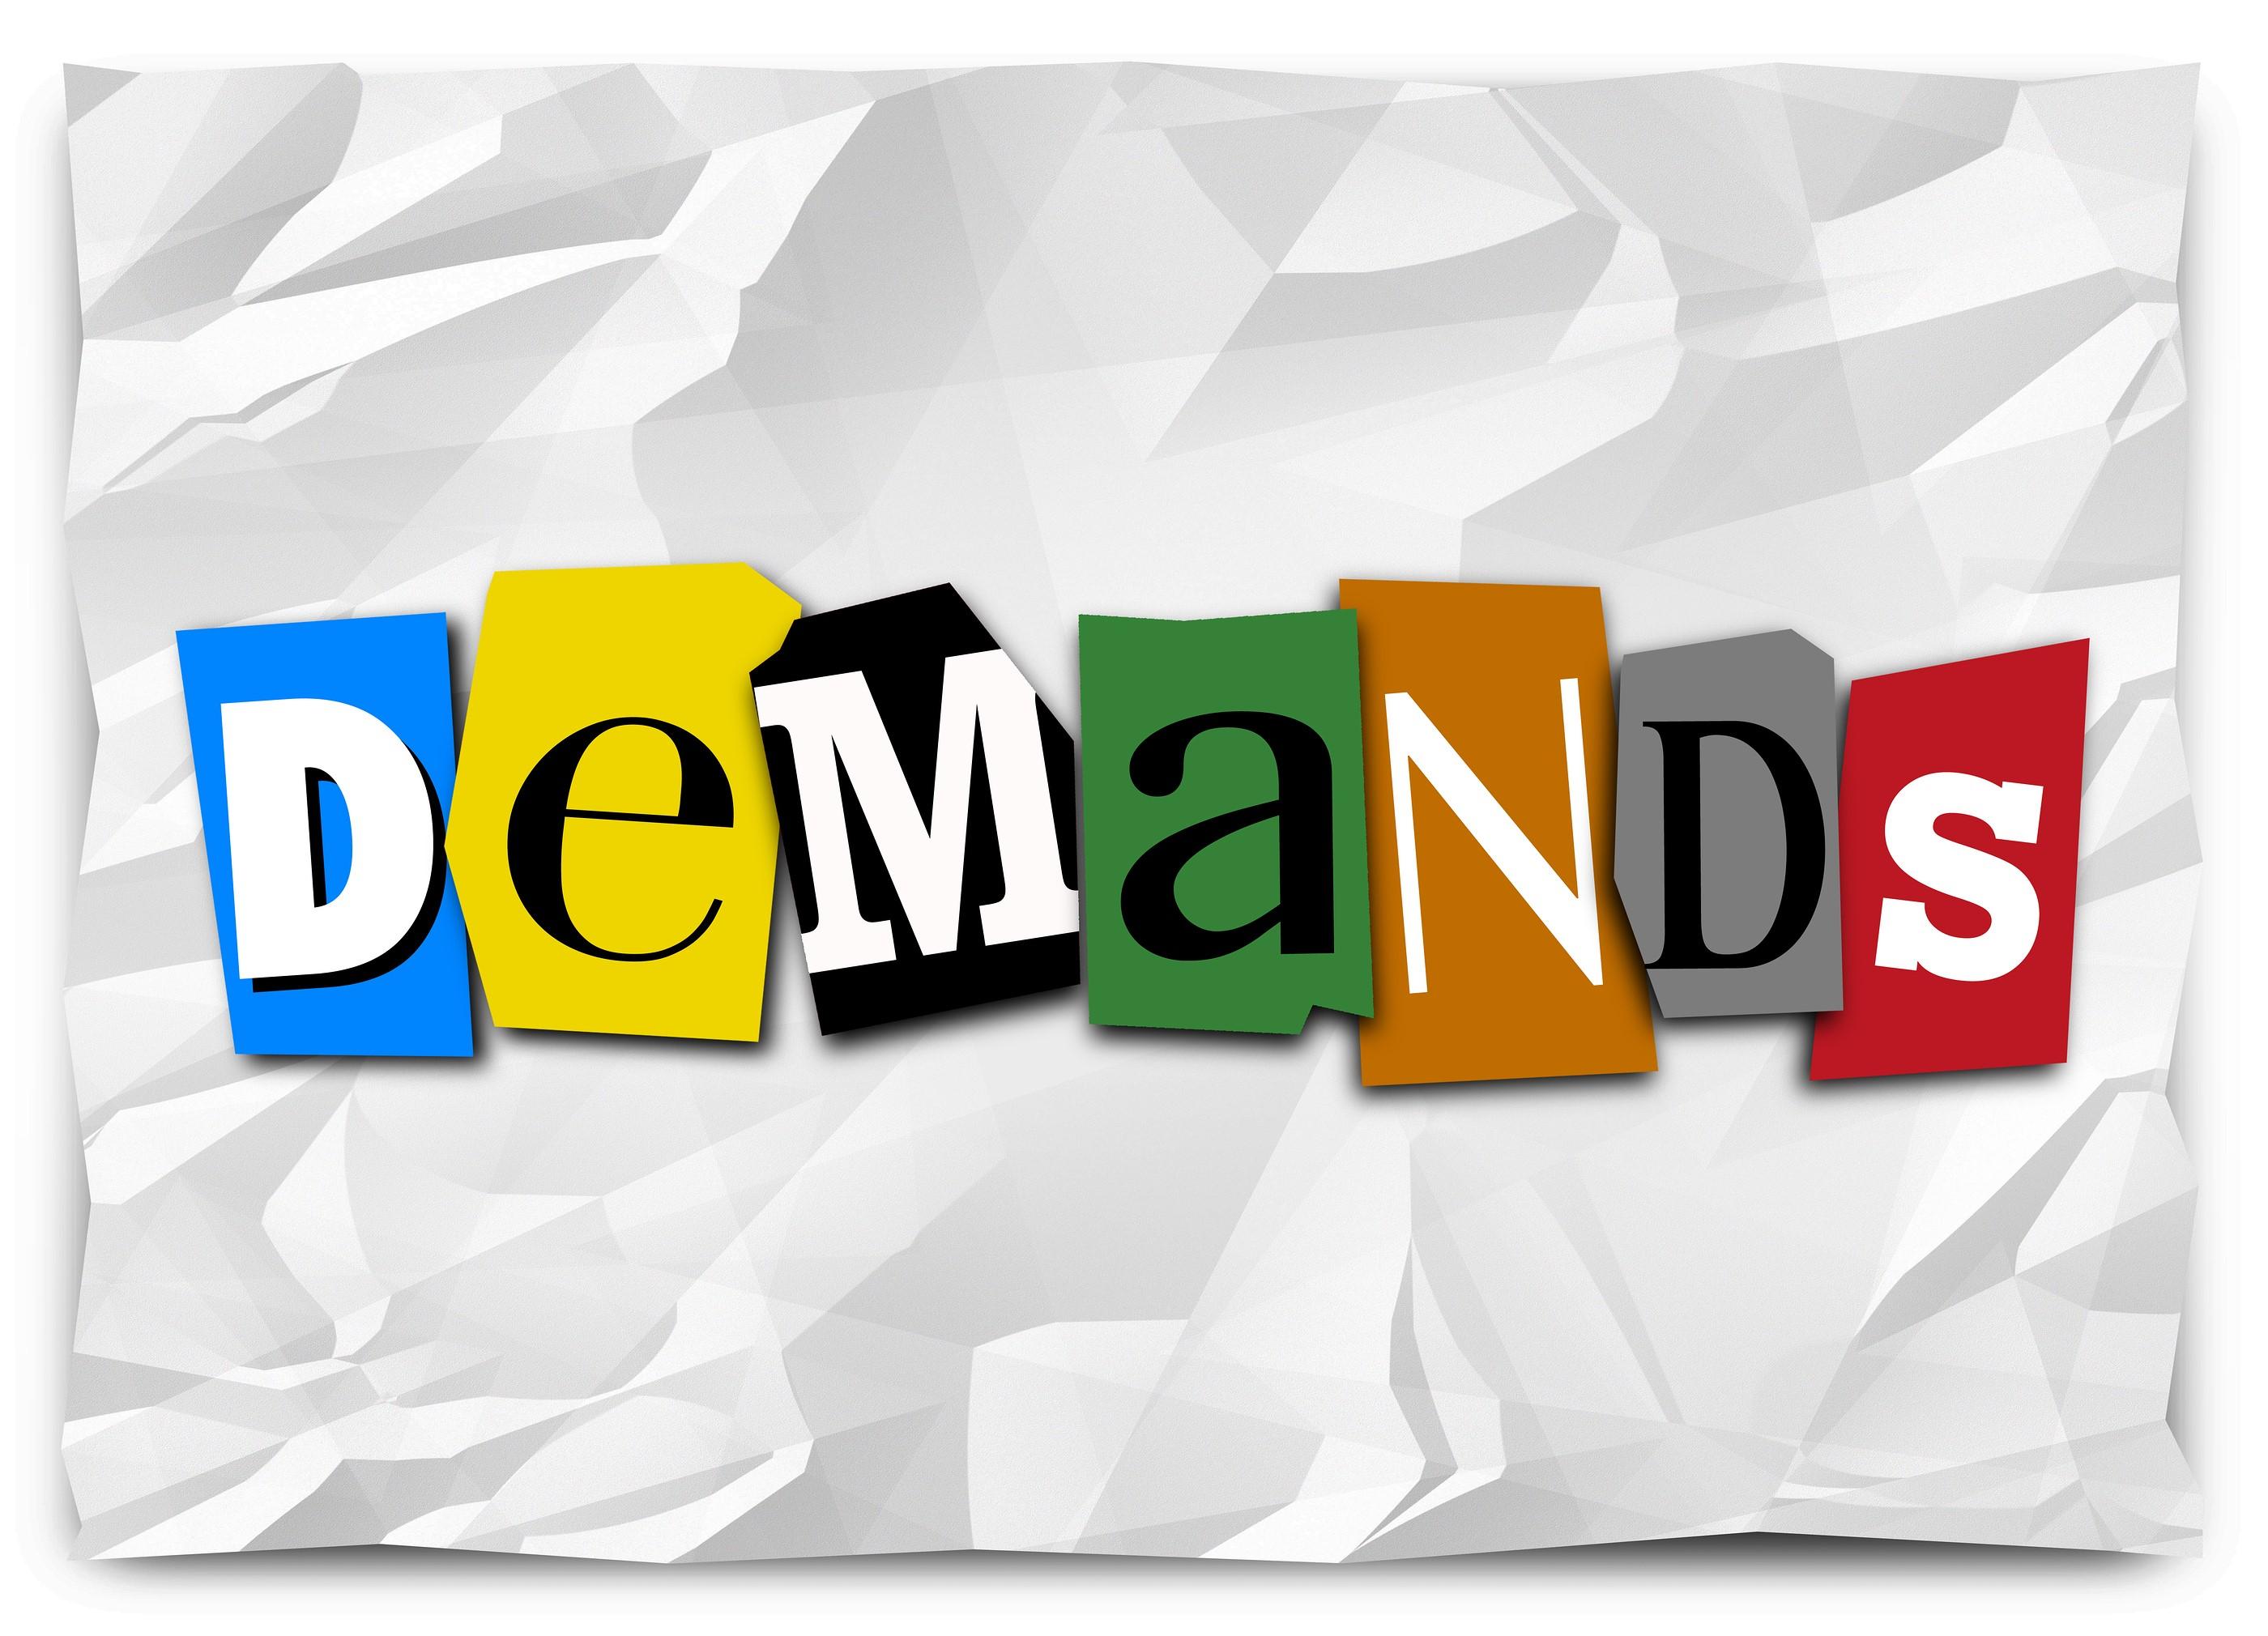 Demands_Ransomware_Blog_1-1.jpg